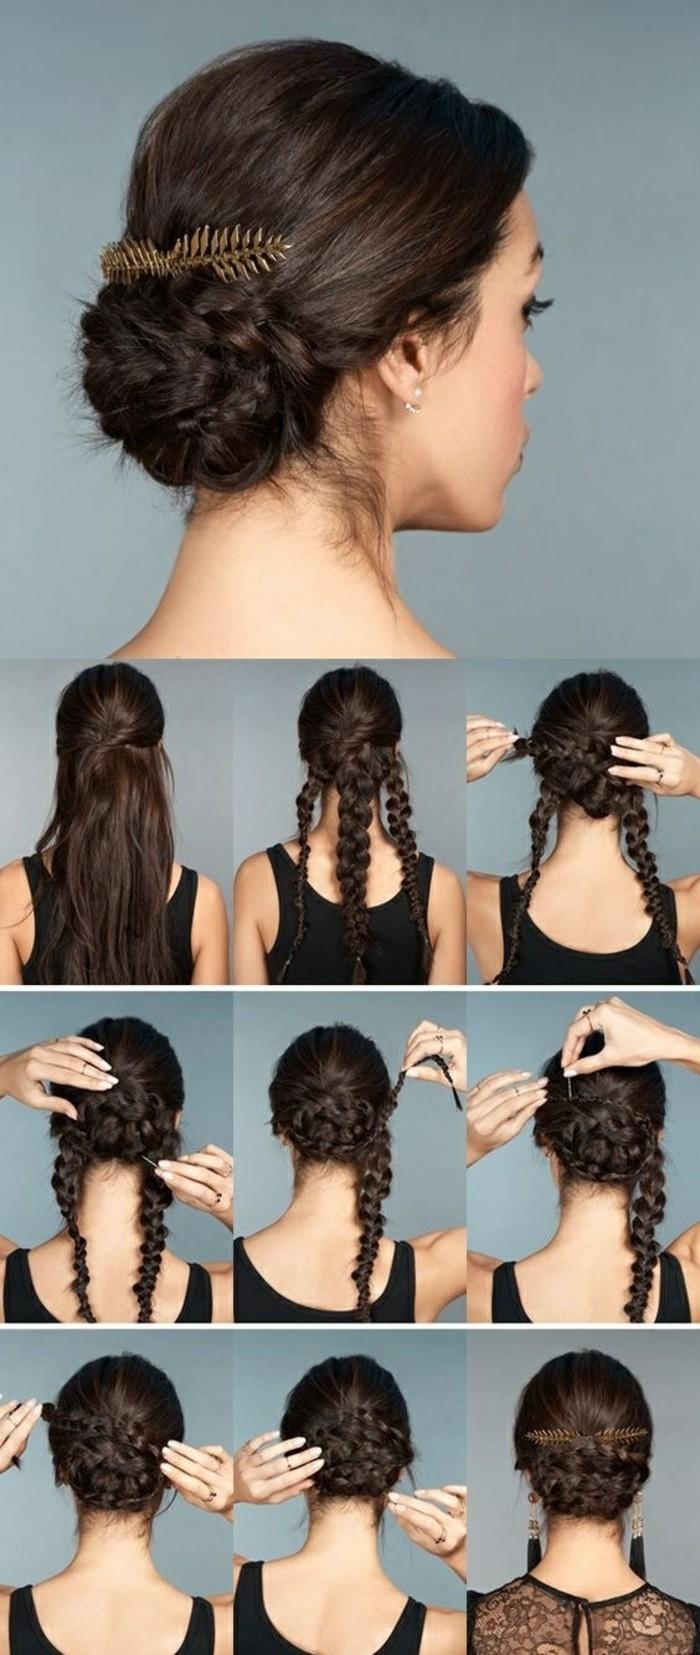 cómo hacer un bollo elegante de tres trenzas, peinados de moda pelo largo para ocasiones especiales